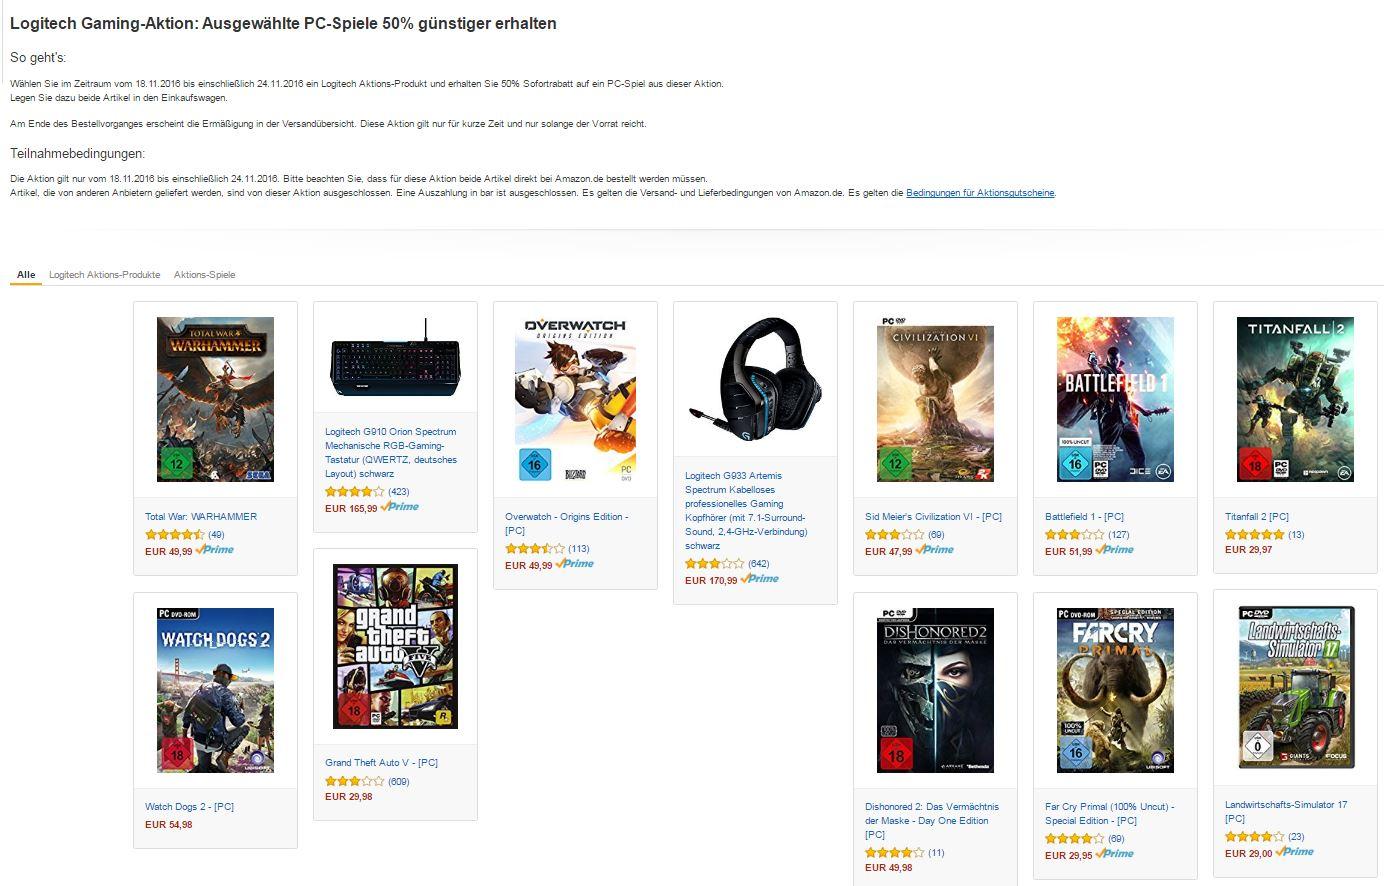 Logitech Gaming-Aktion: Ausgewählte PC-Spiele 50% günstiger erhalten bei Kauf eines Logitech Aktions KB, Maus o. Headset